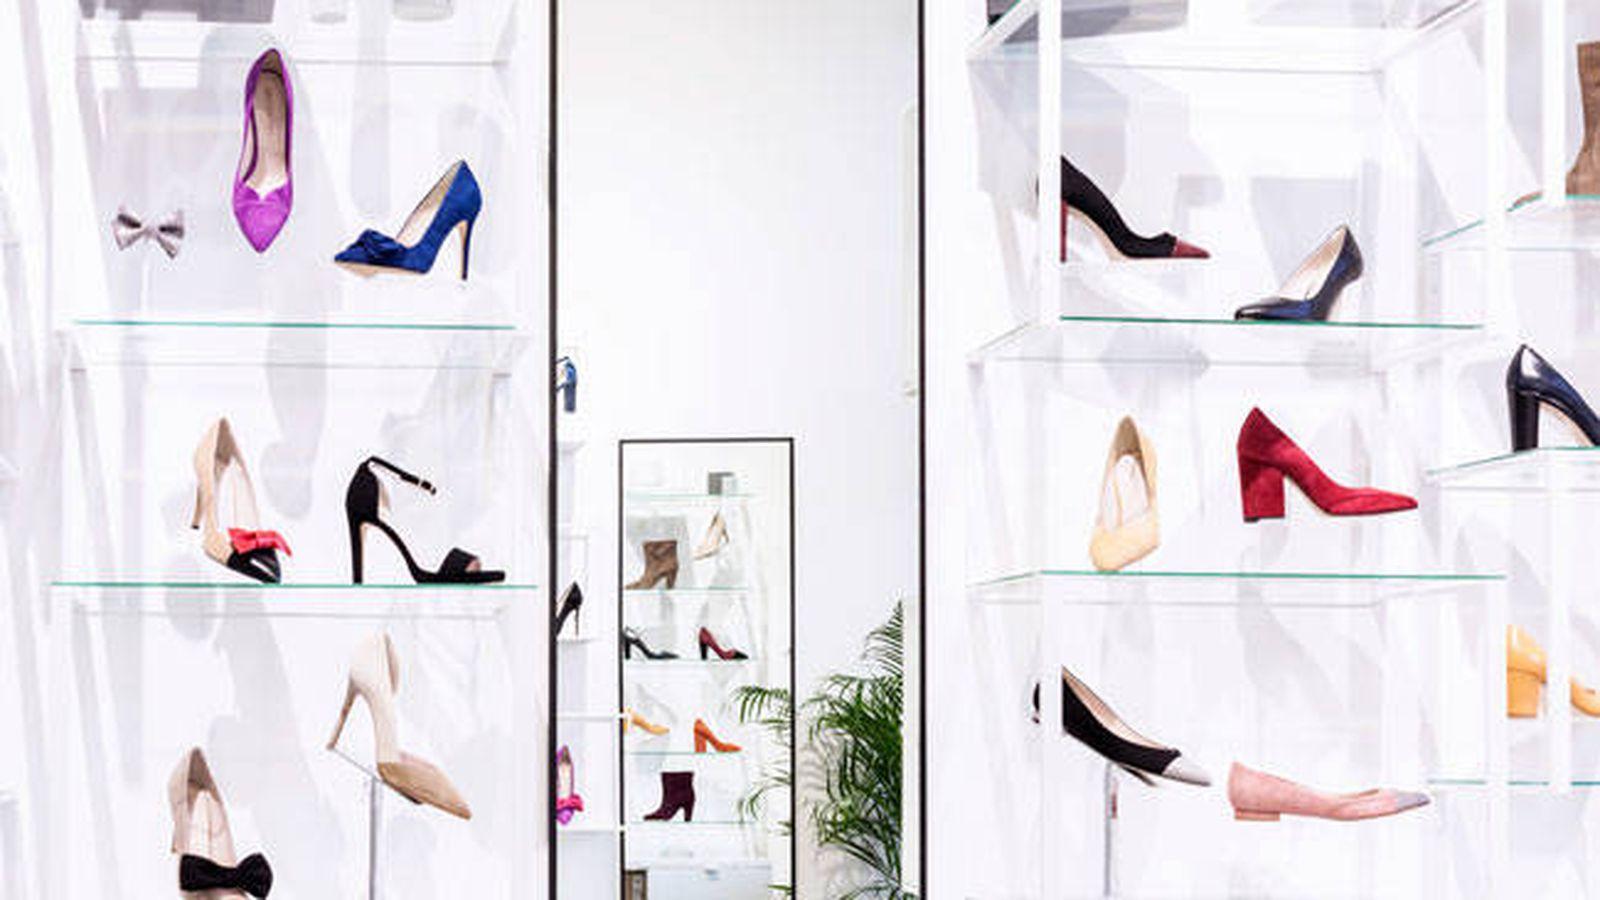 Foto: Mobiliario en una tienda de Uniqshoes. (Cortesía)